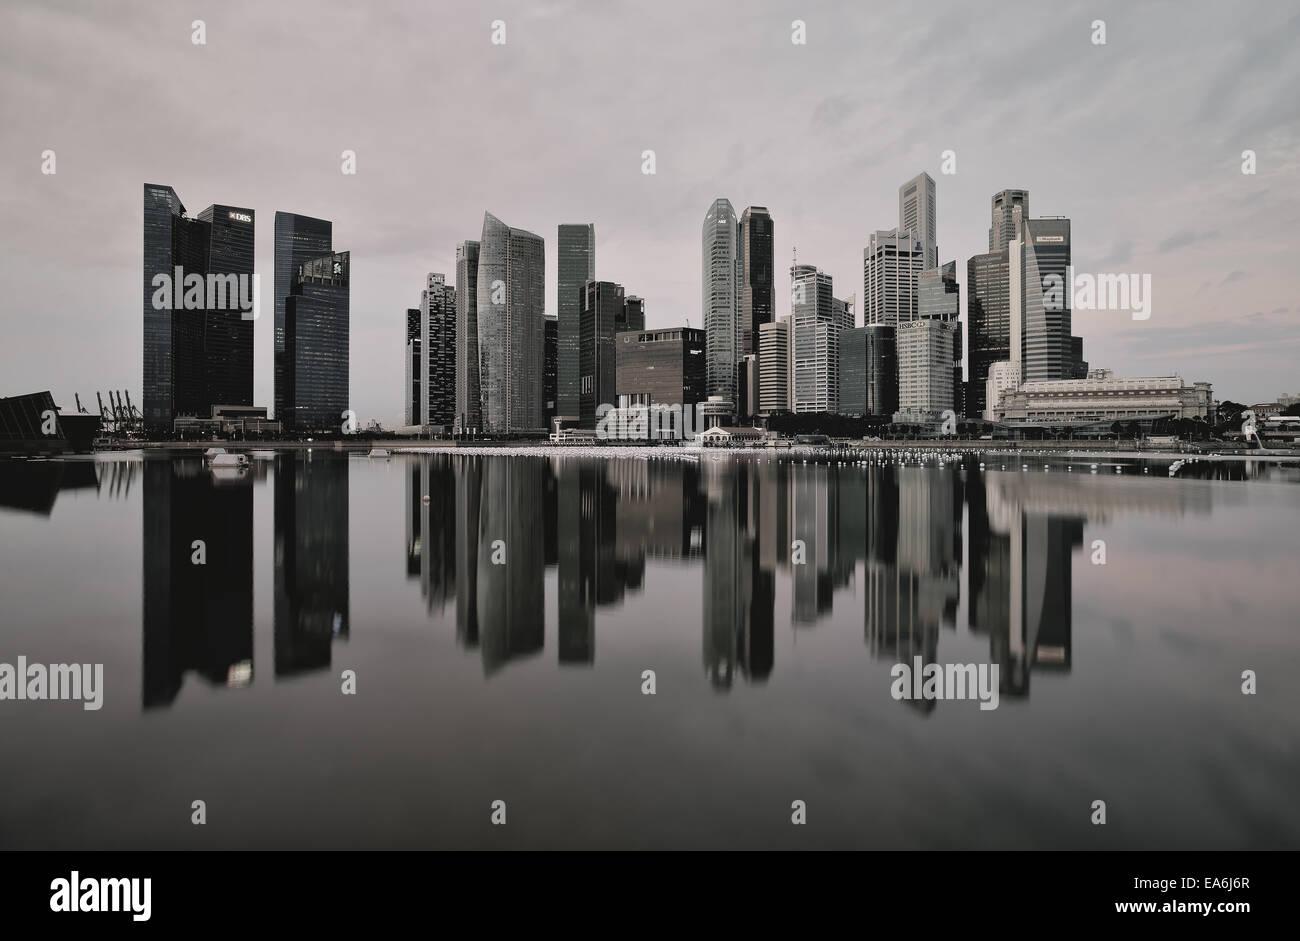 Quartier des affaires de Singapour, prises à partir de la Marina Bay promenade au bord de l'eau Photo Stock